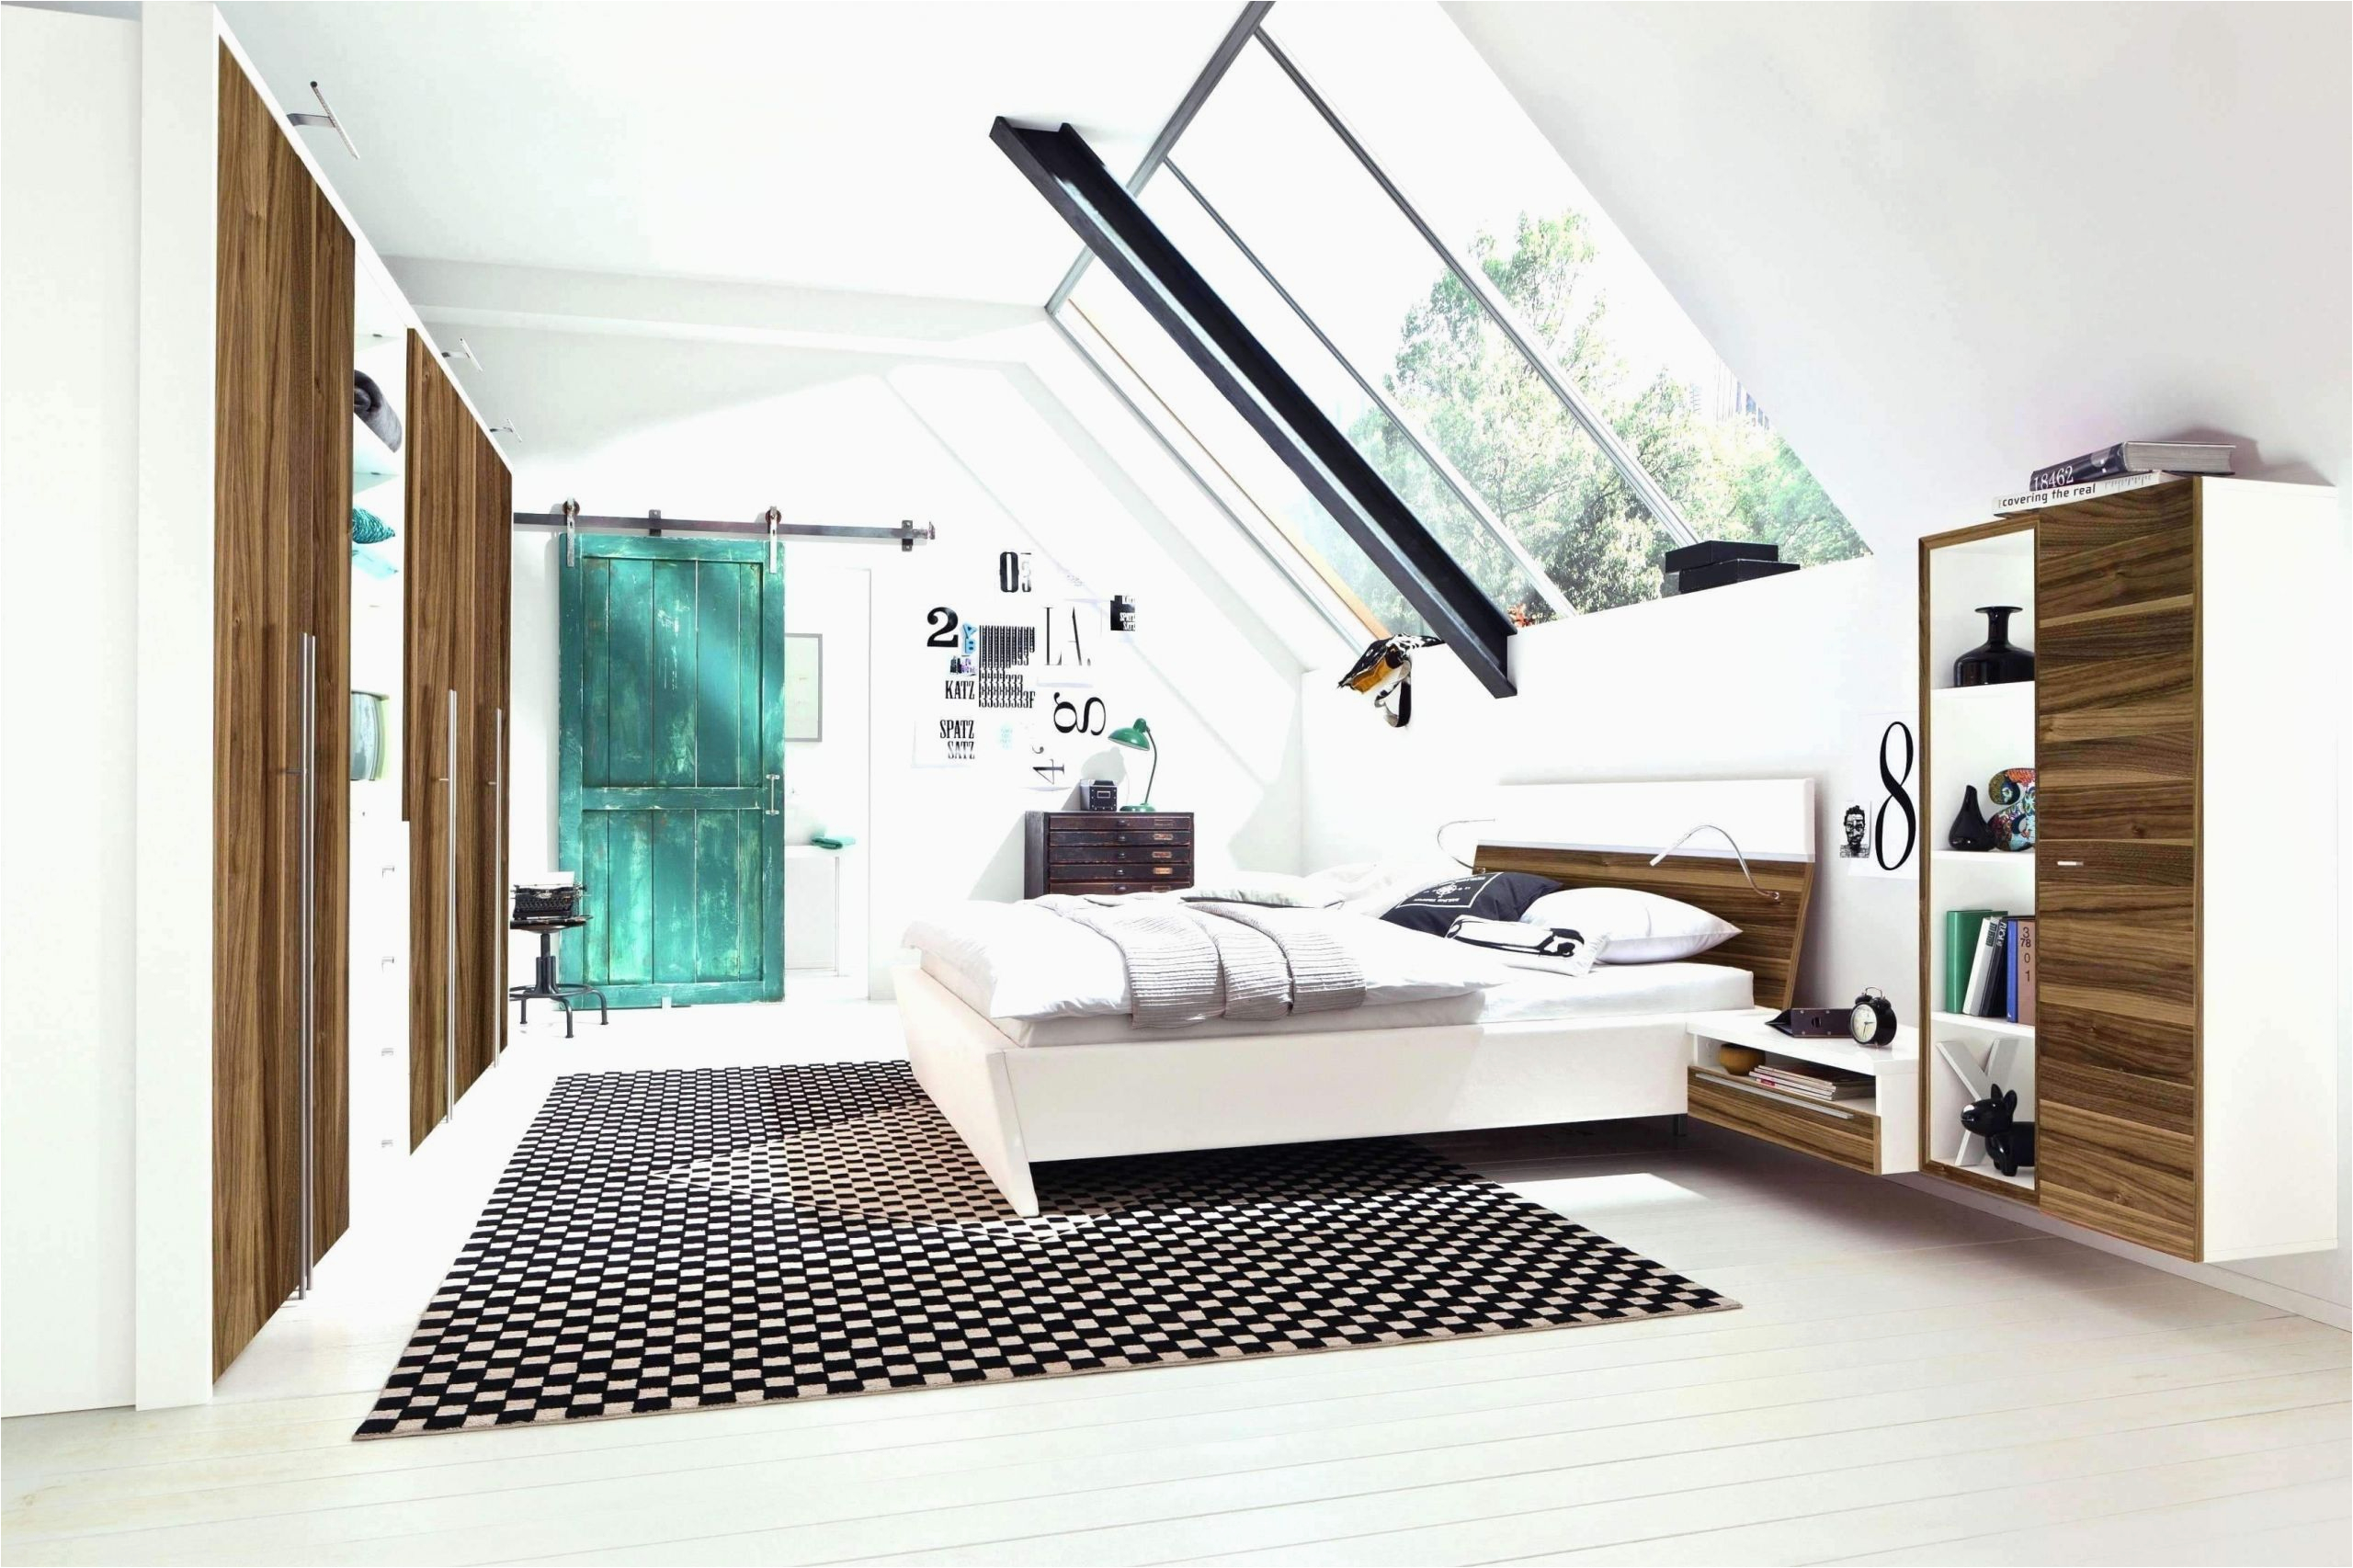 wohnzimmer gestalten ideen inspirierend 35 einzigartig inspiration schlafzimmer of wohnzimmer gestalten ideen scaled